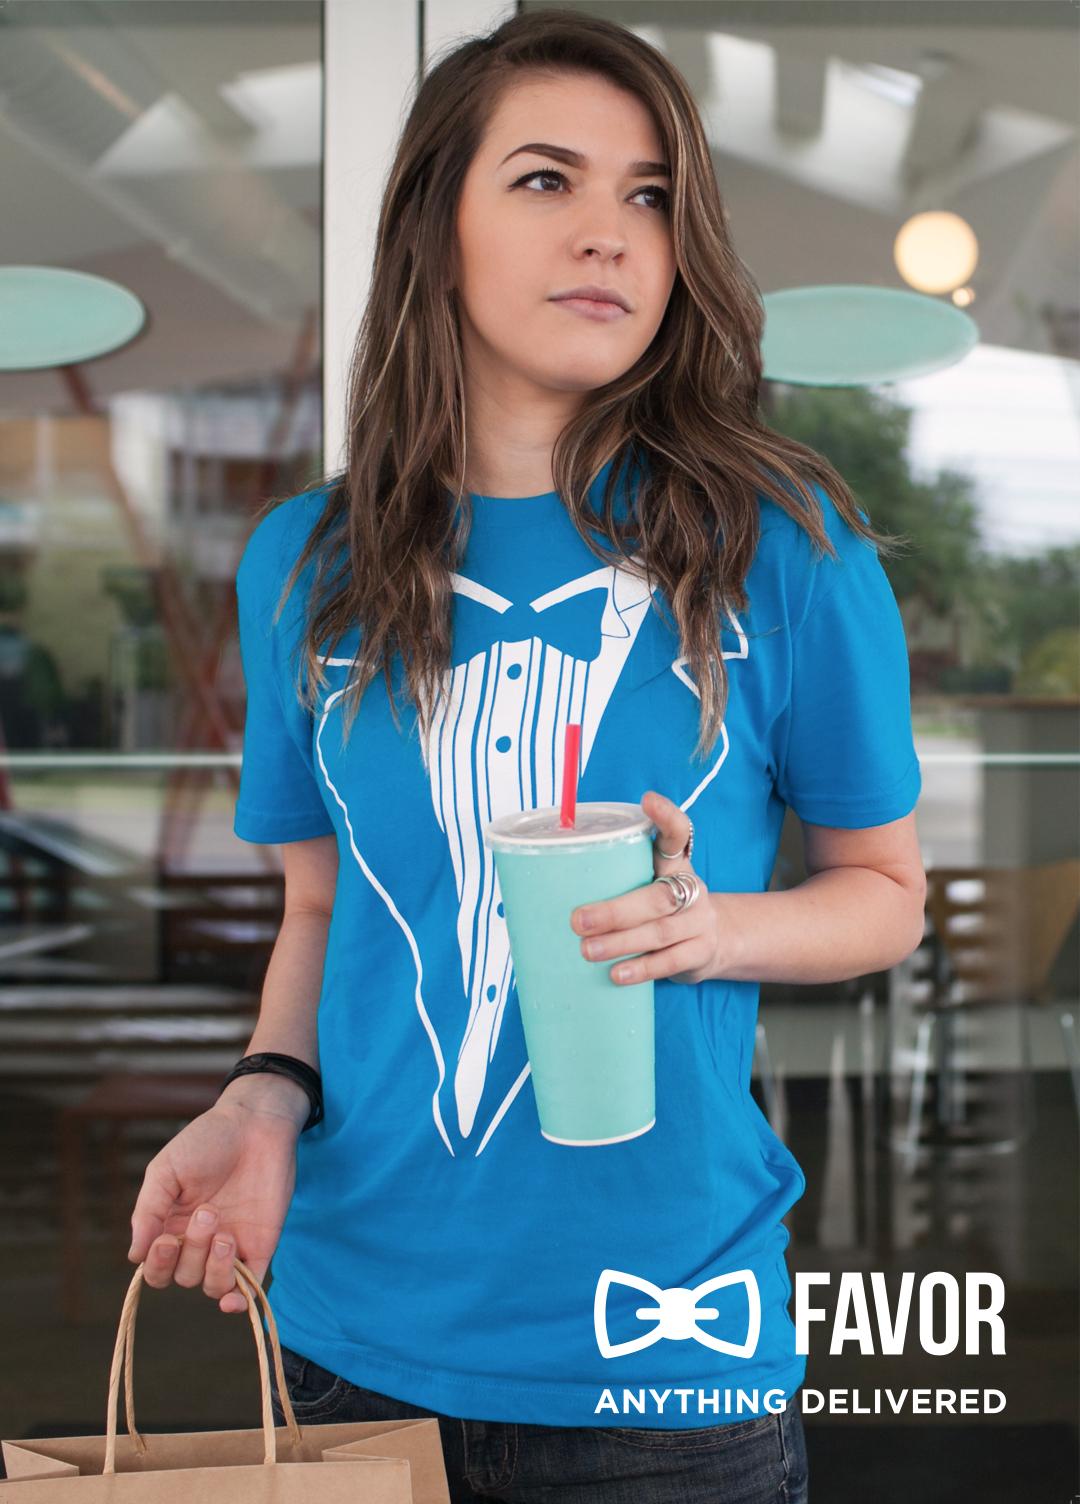 favor - ad - runner girl.jpg